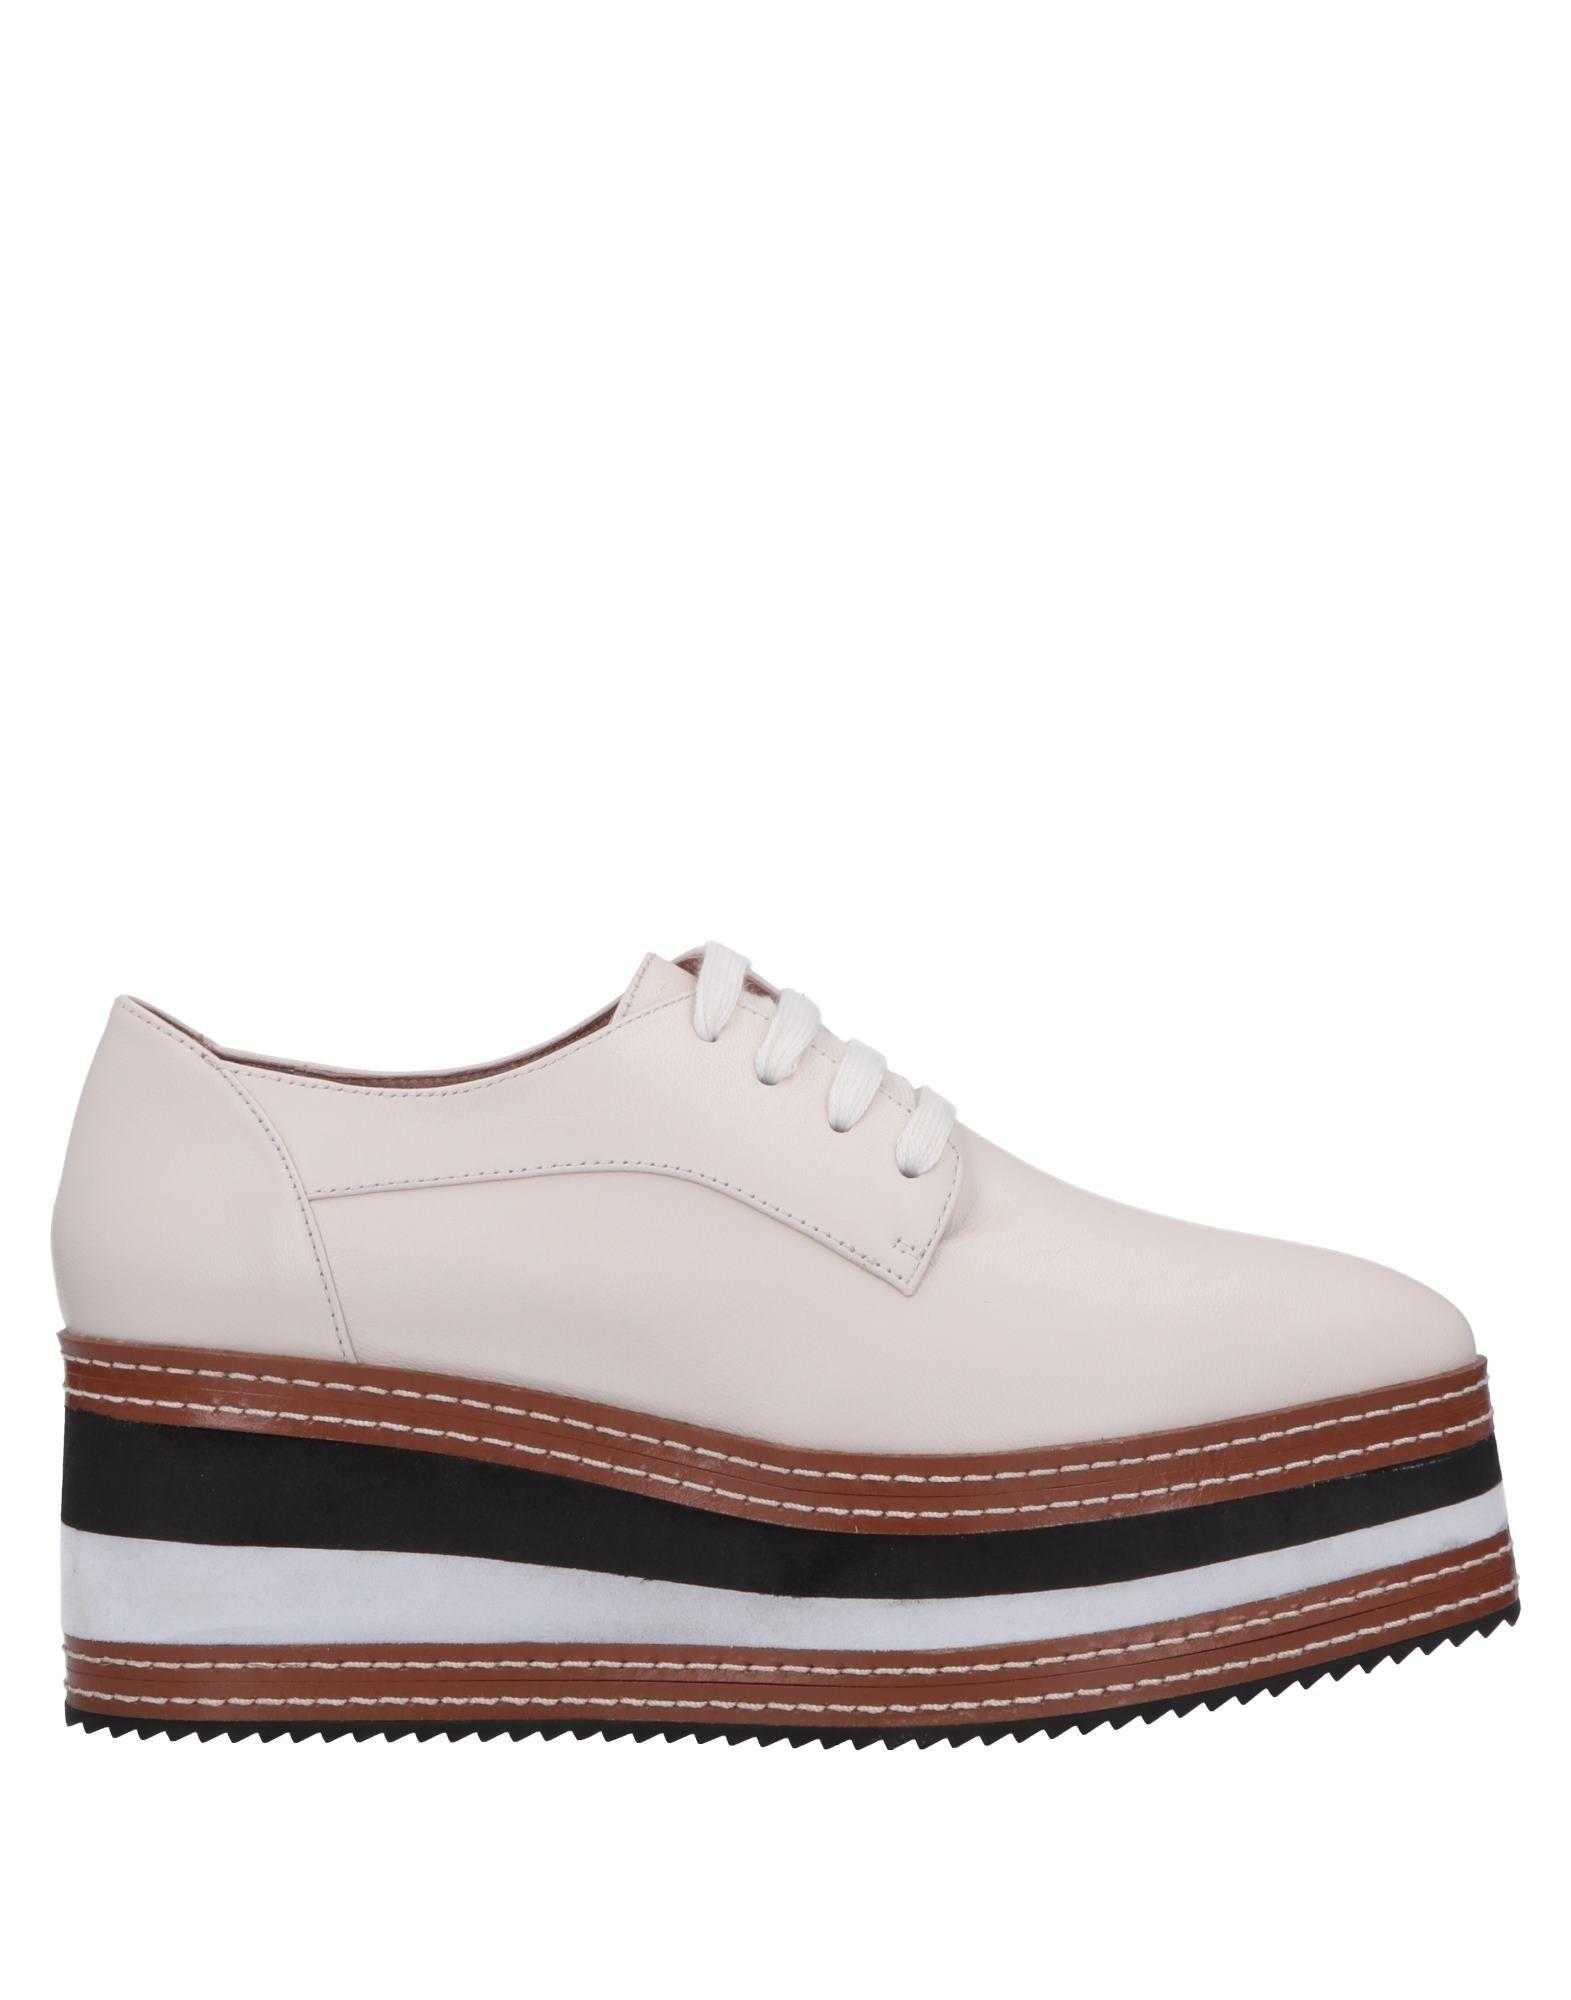 Chaussures À Lacets Bibi Lou Femme - Chaussures À Lacets Bibi Lou   - 11599854DU